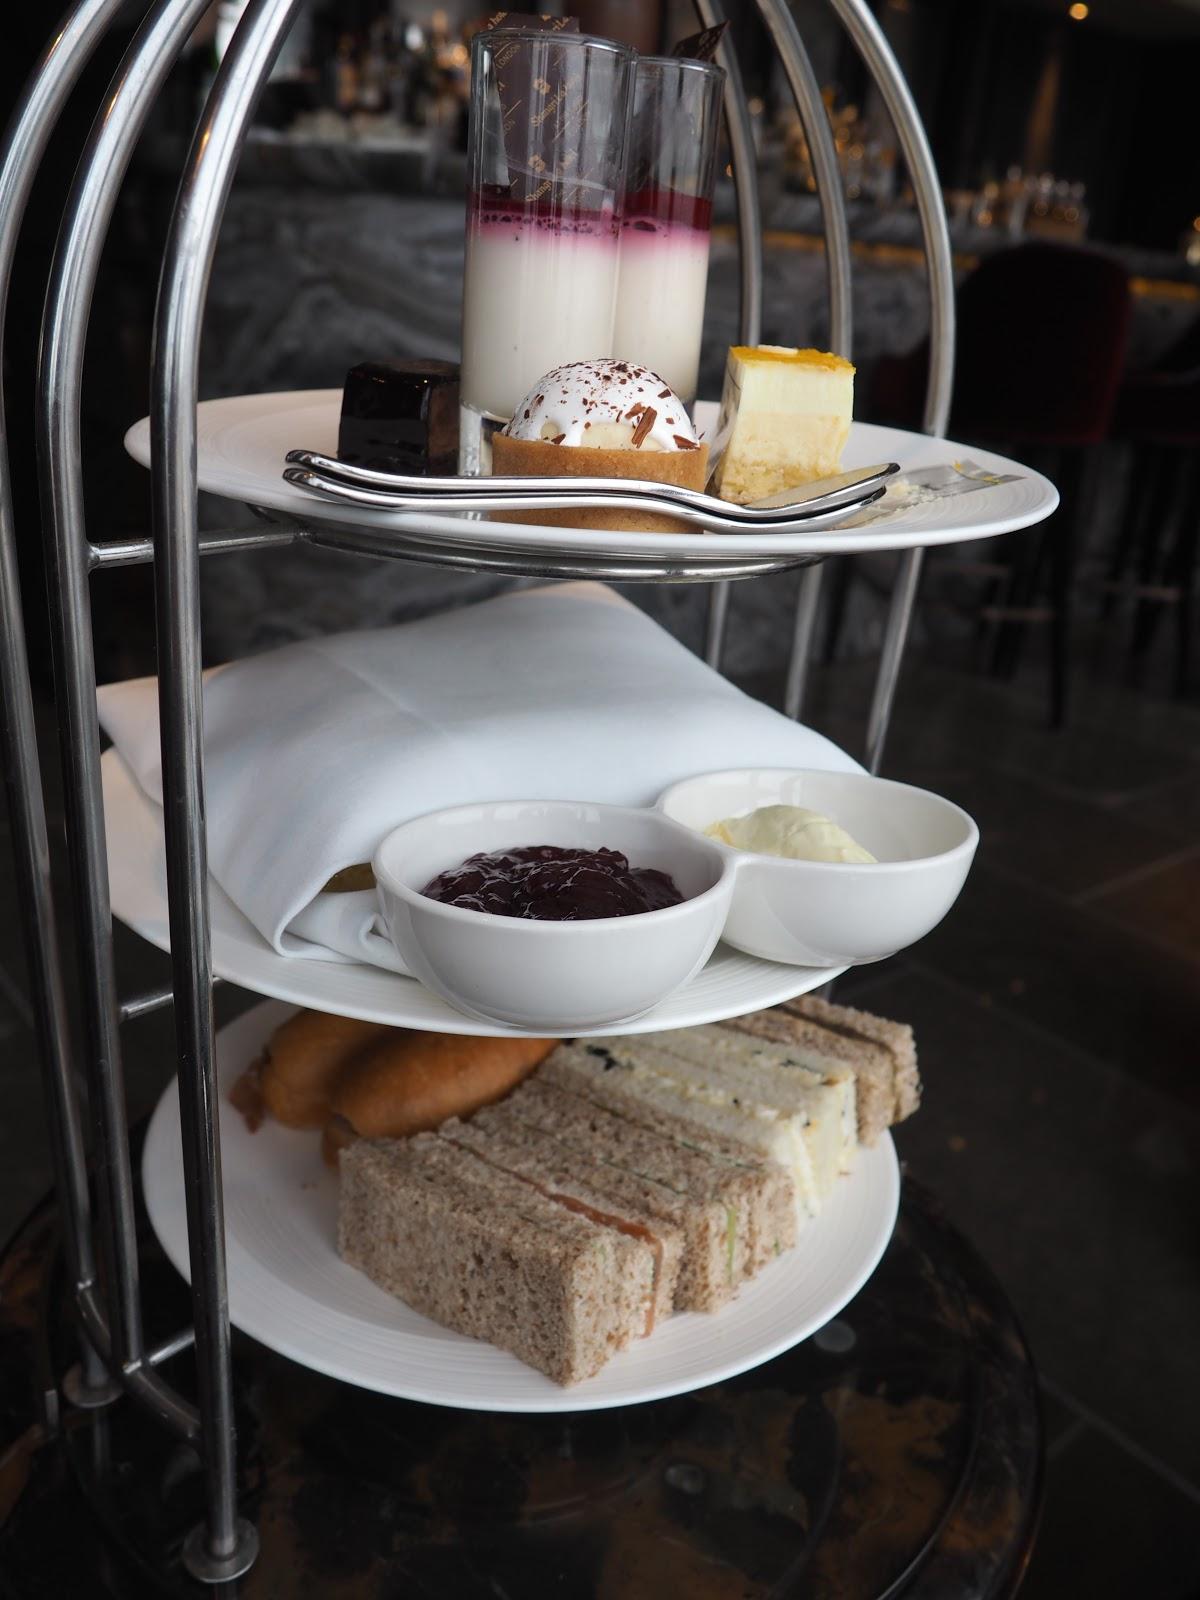 Food for Afternoon Tea at GONG Bar at the Shangri La at The Shard